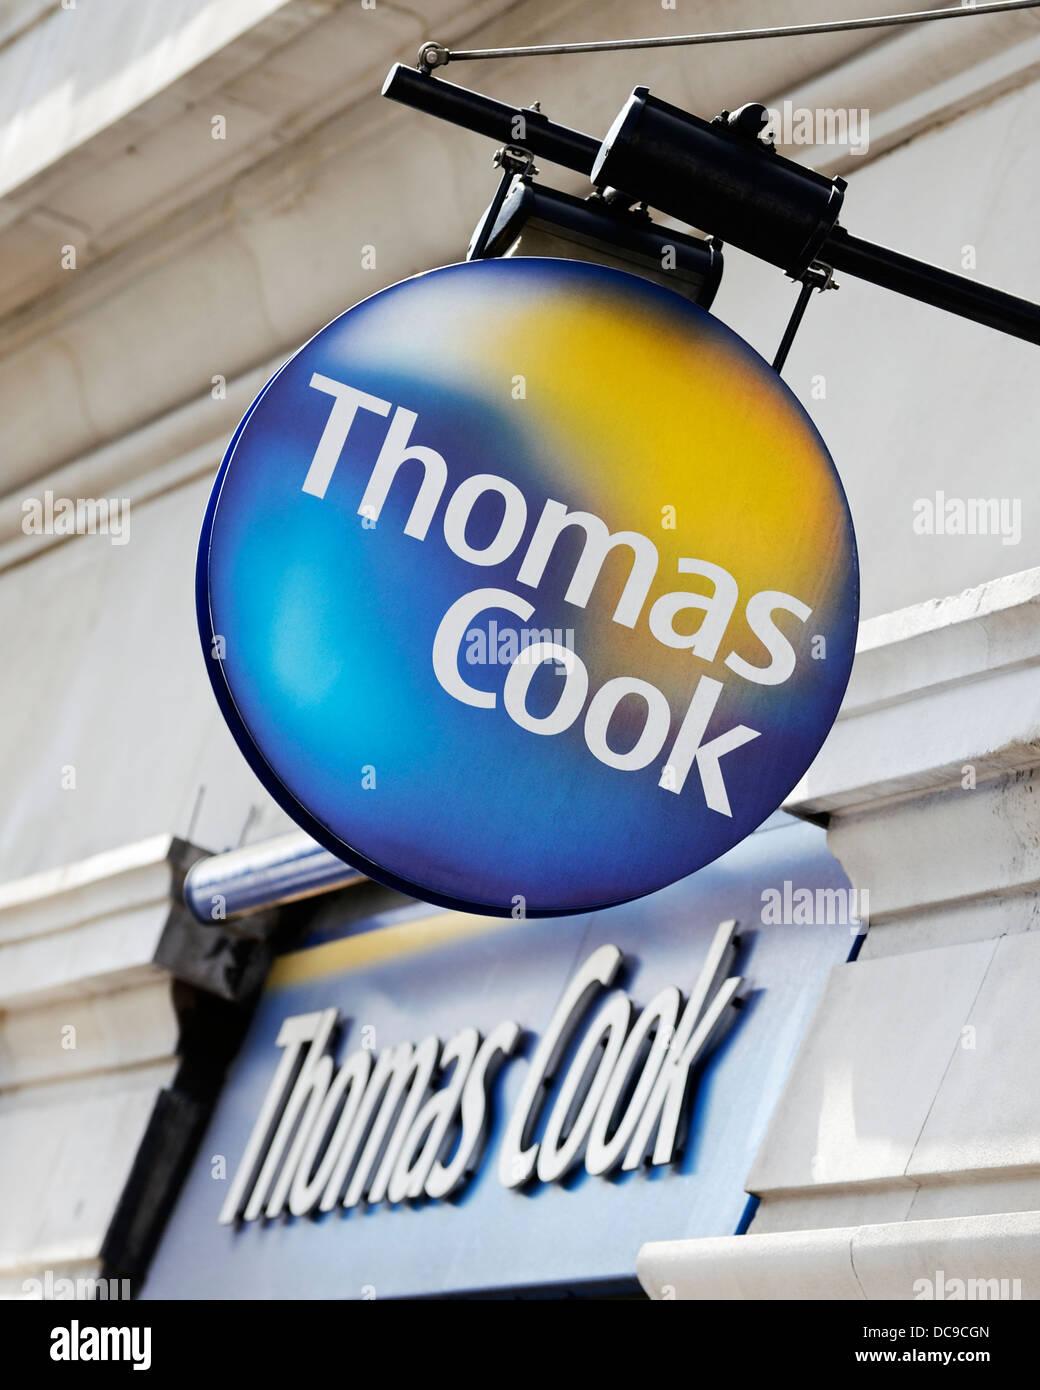 Thomas Cook Agenti di viaggio shop segno, Marble Arch, Londra, Regno Unito. Immagini Stock